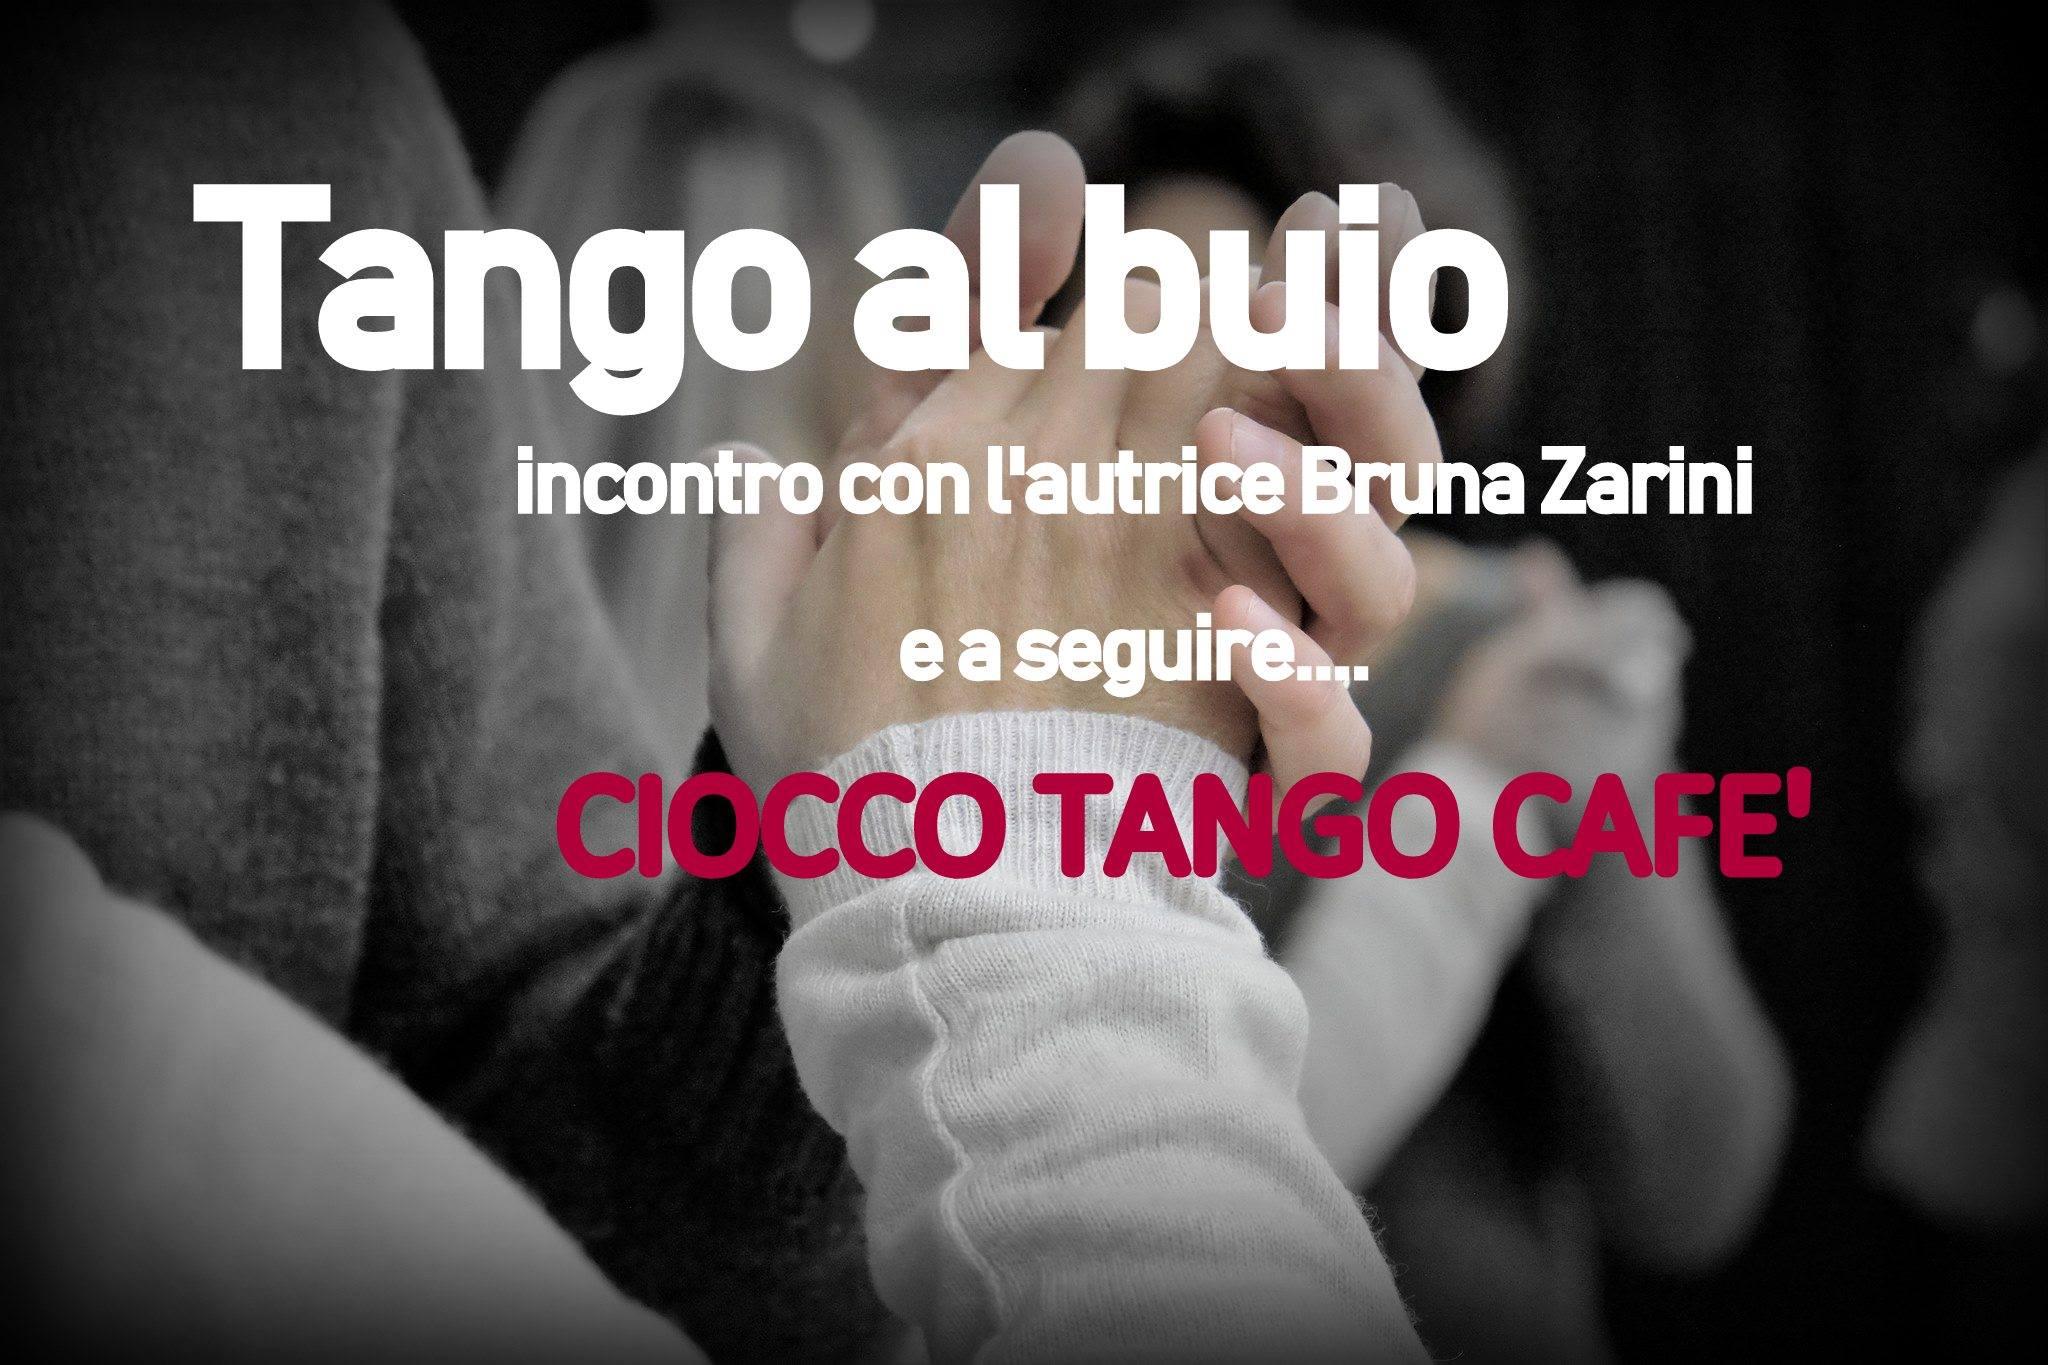 Tango al buio. incontro con l'autrice + Ciocco Tango Cafè | 14 febbraio 2018